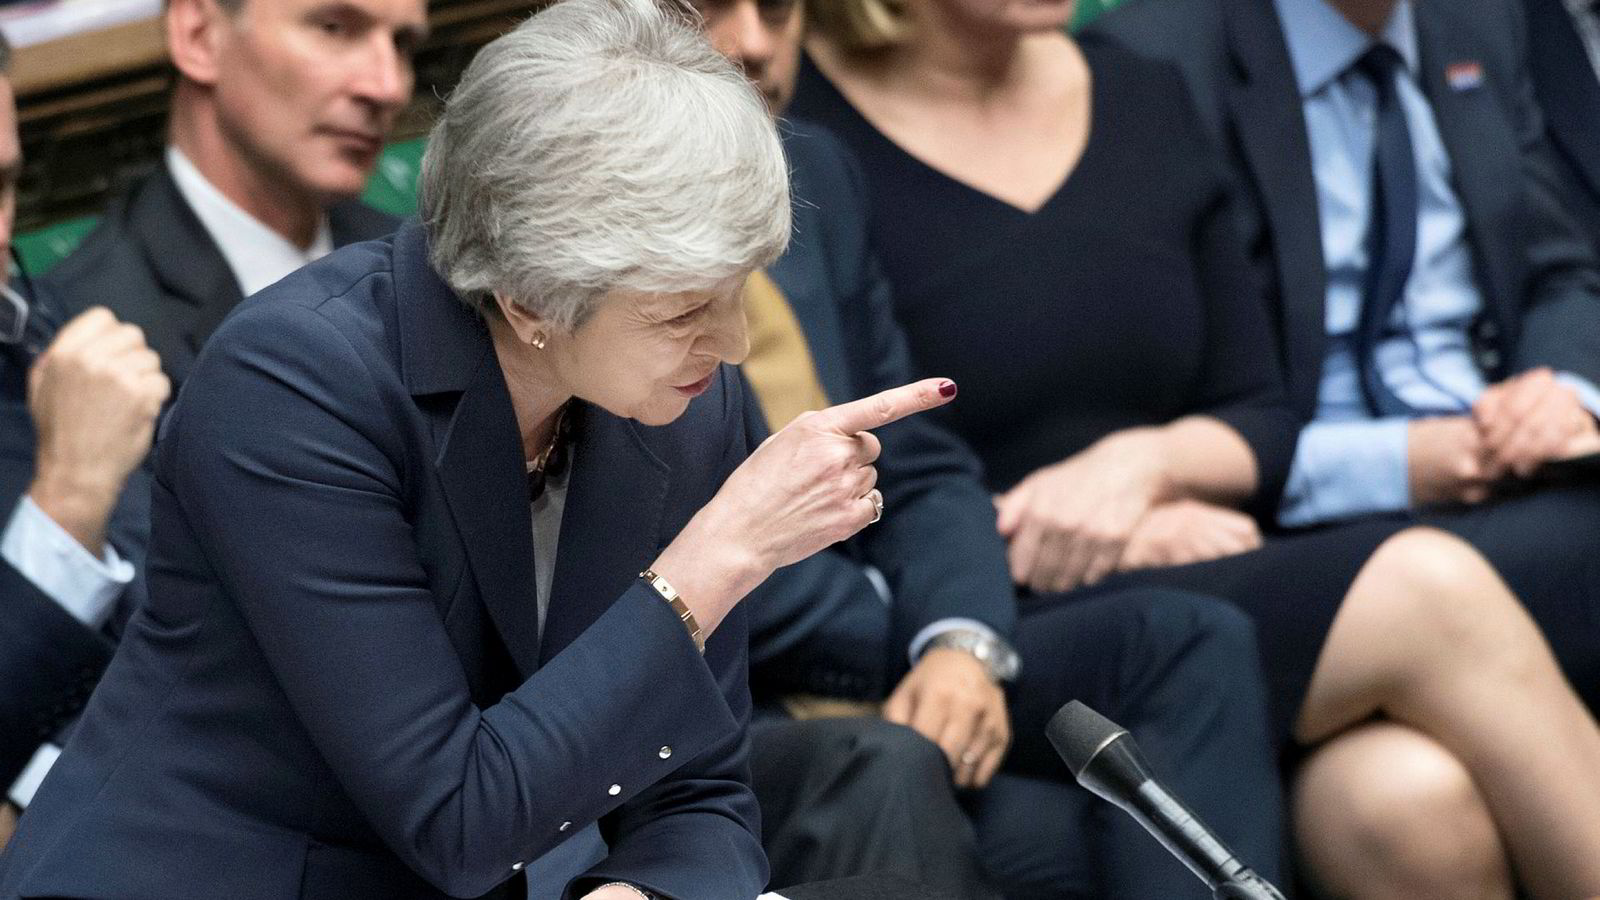 Den kursen som statsminister Theresa May har staket ut, går rett gjennom det farligste farvannet.